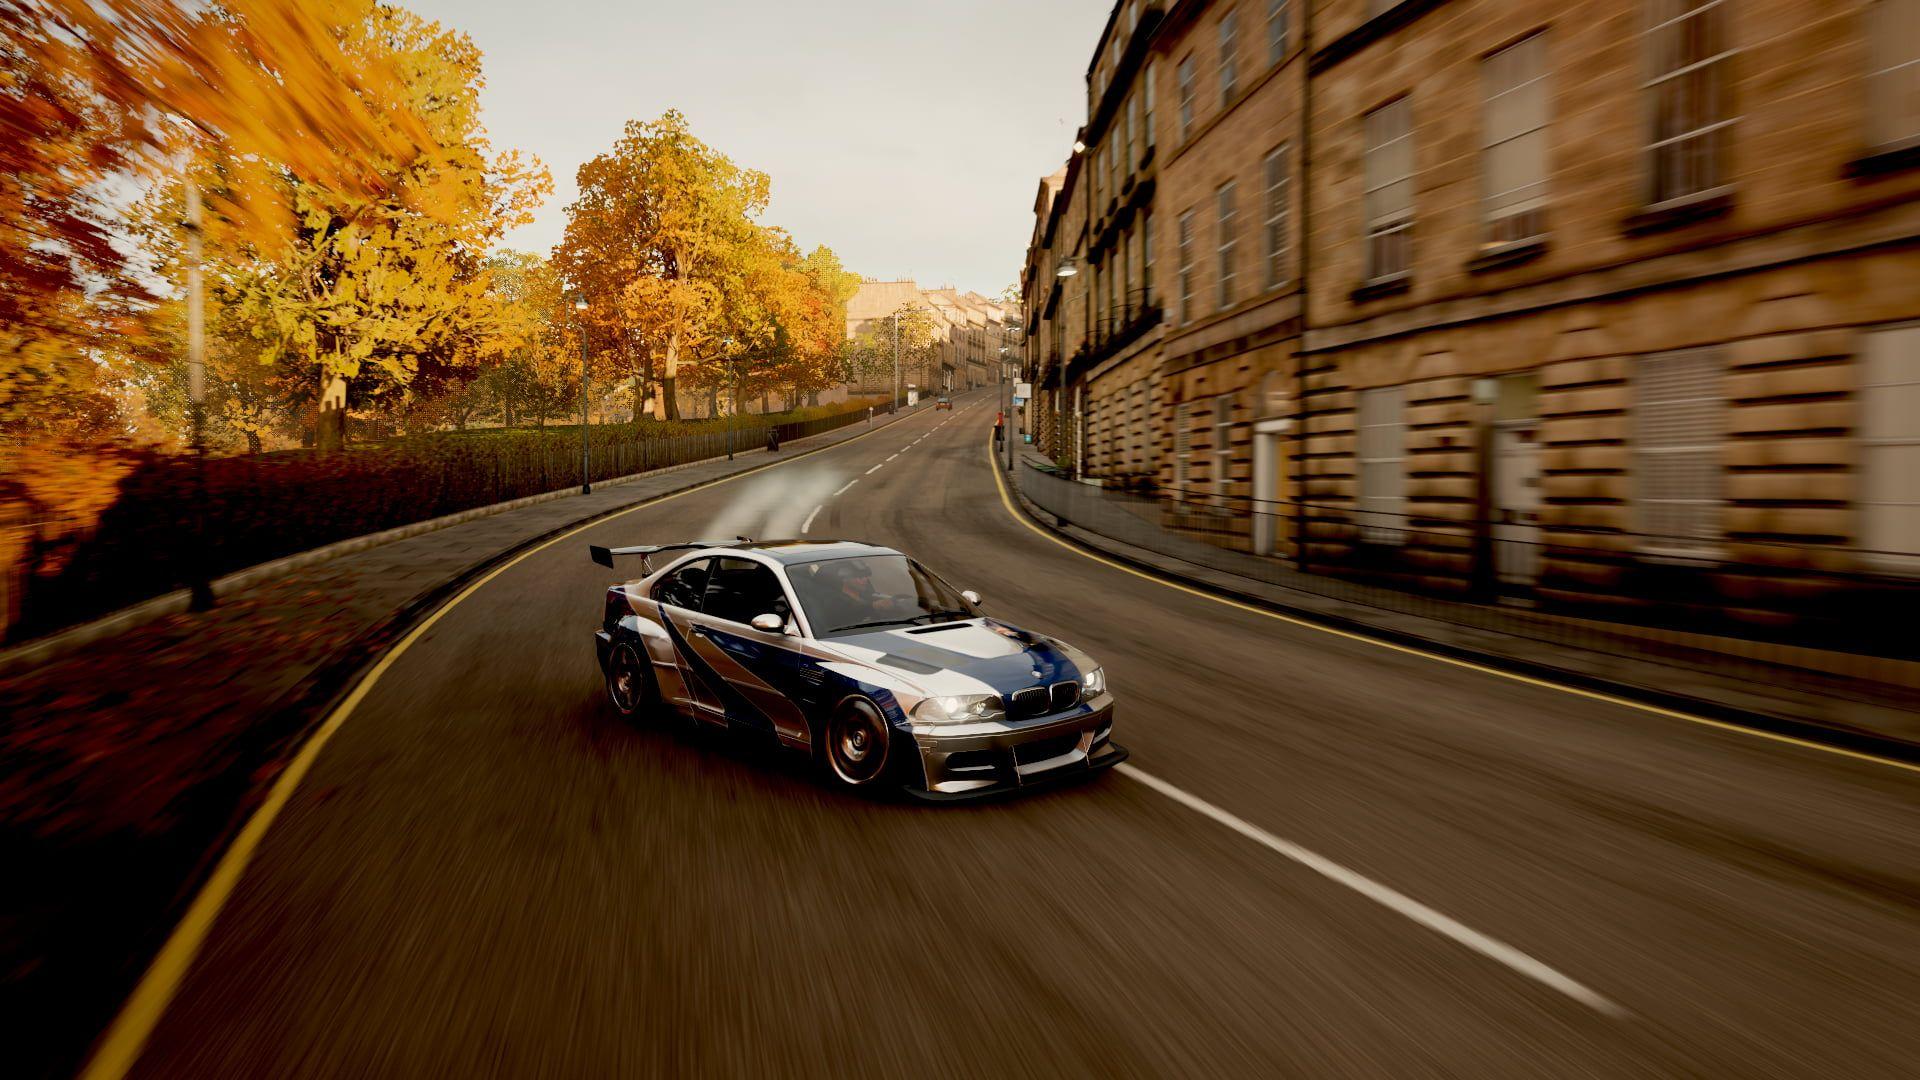 Bmw Bmw M3 E46 E 46 Forza Horizon 4 Need For Speed Need For Speed Most Wanted Drifting Bmw M3 E46 Gtr Bmw E46 Bmw 3 Series Su Forza Horizon 4 Bmw M3 Forza